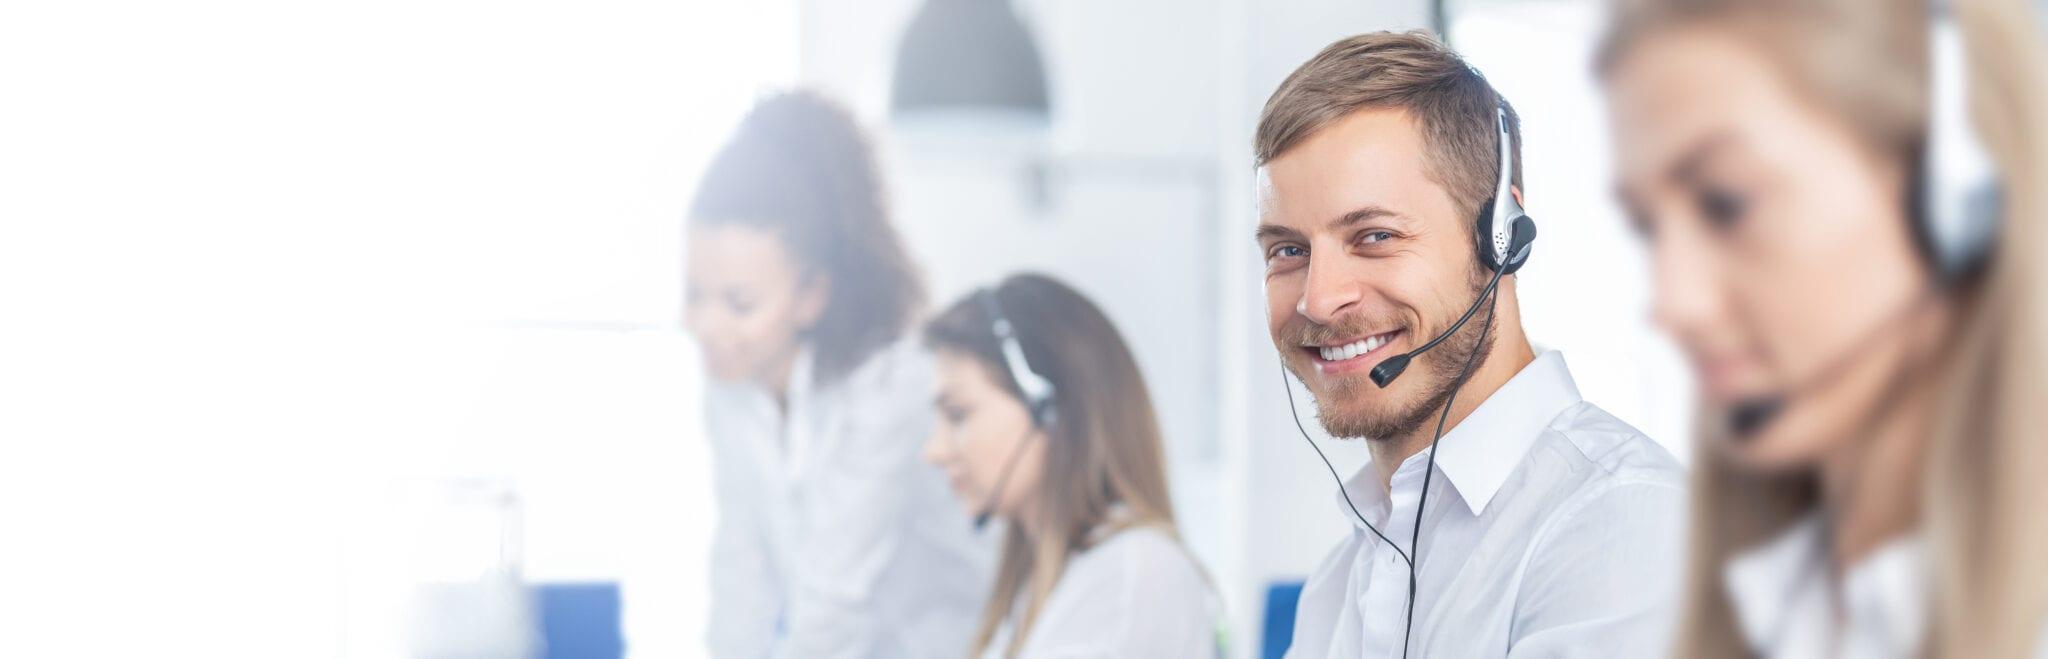 Webinar : Comment fidéliser vos clients avec Dynamics Customer Service ?